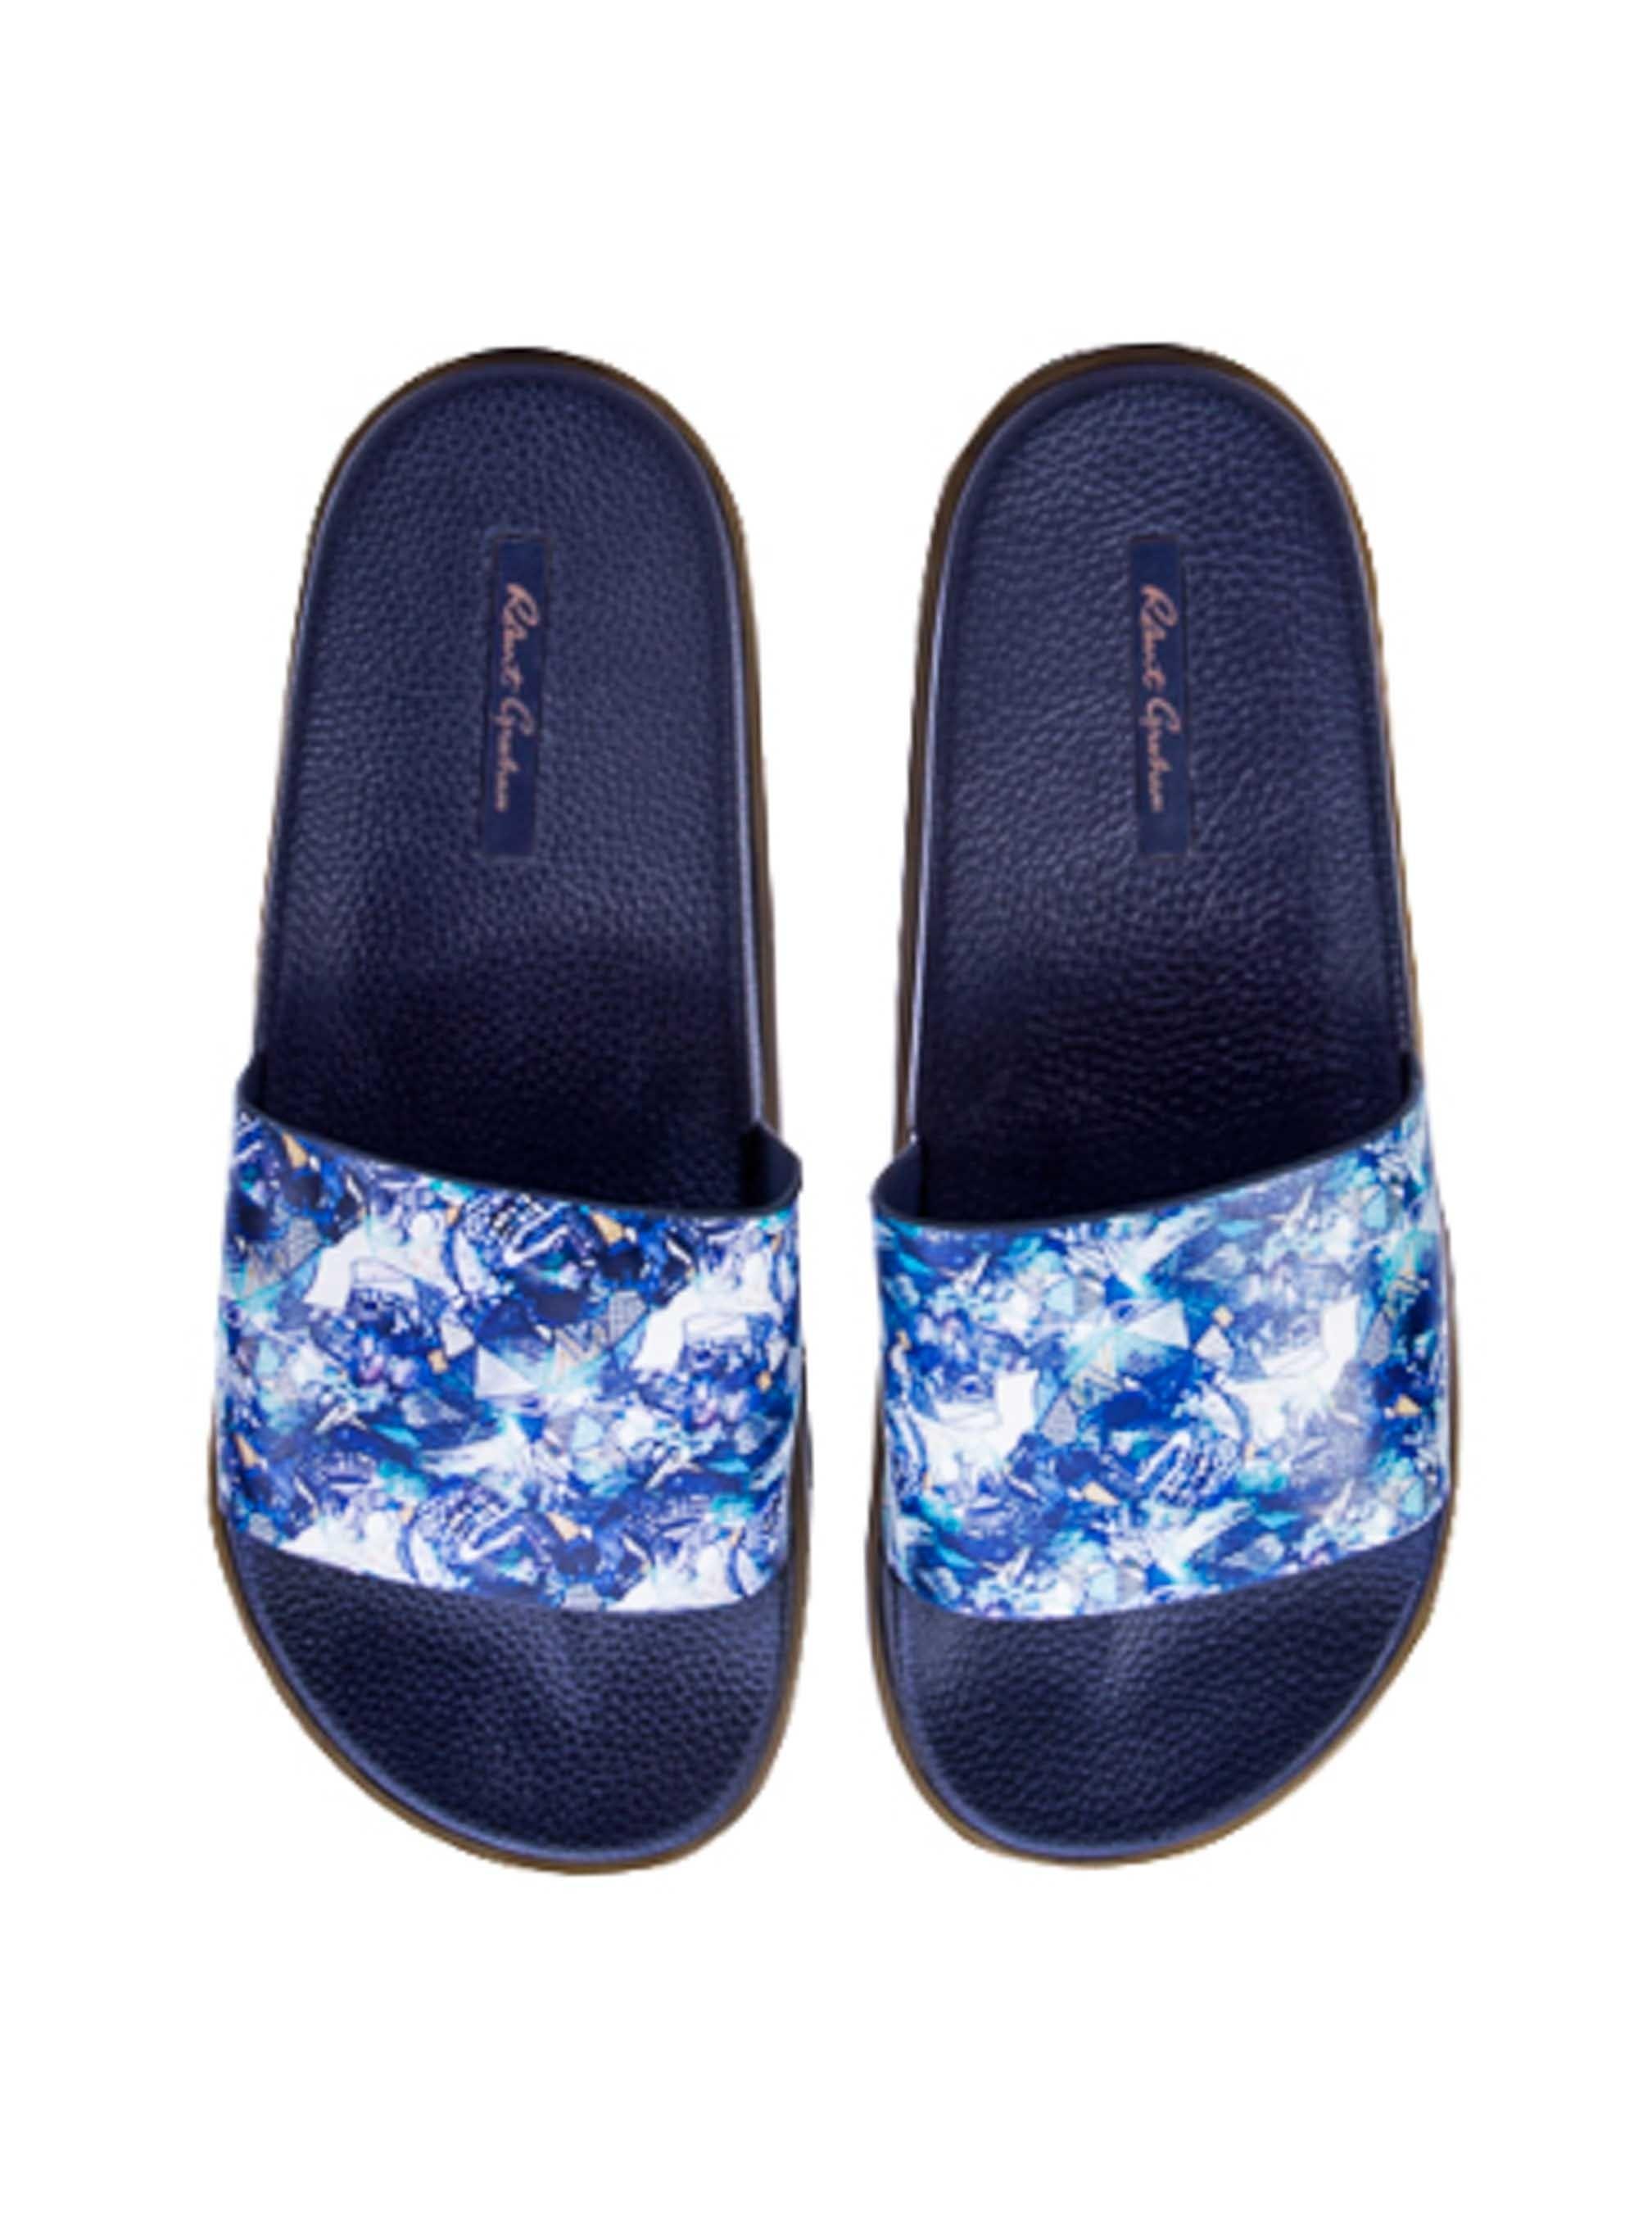 9746f8db9bde ... Blue Capetown Sandal for Men - Lyst. View fullscreen